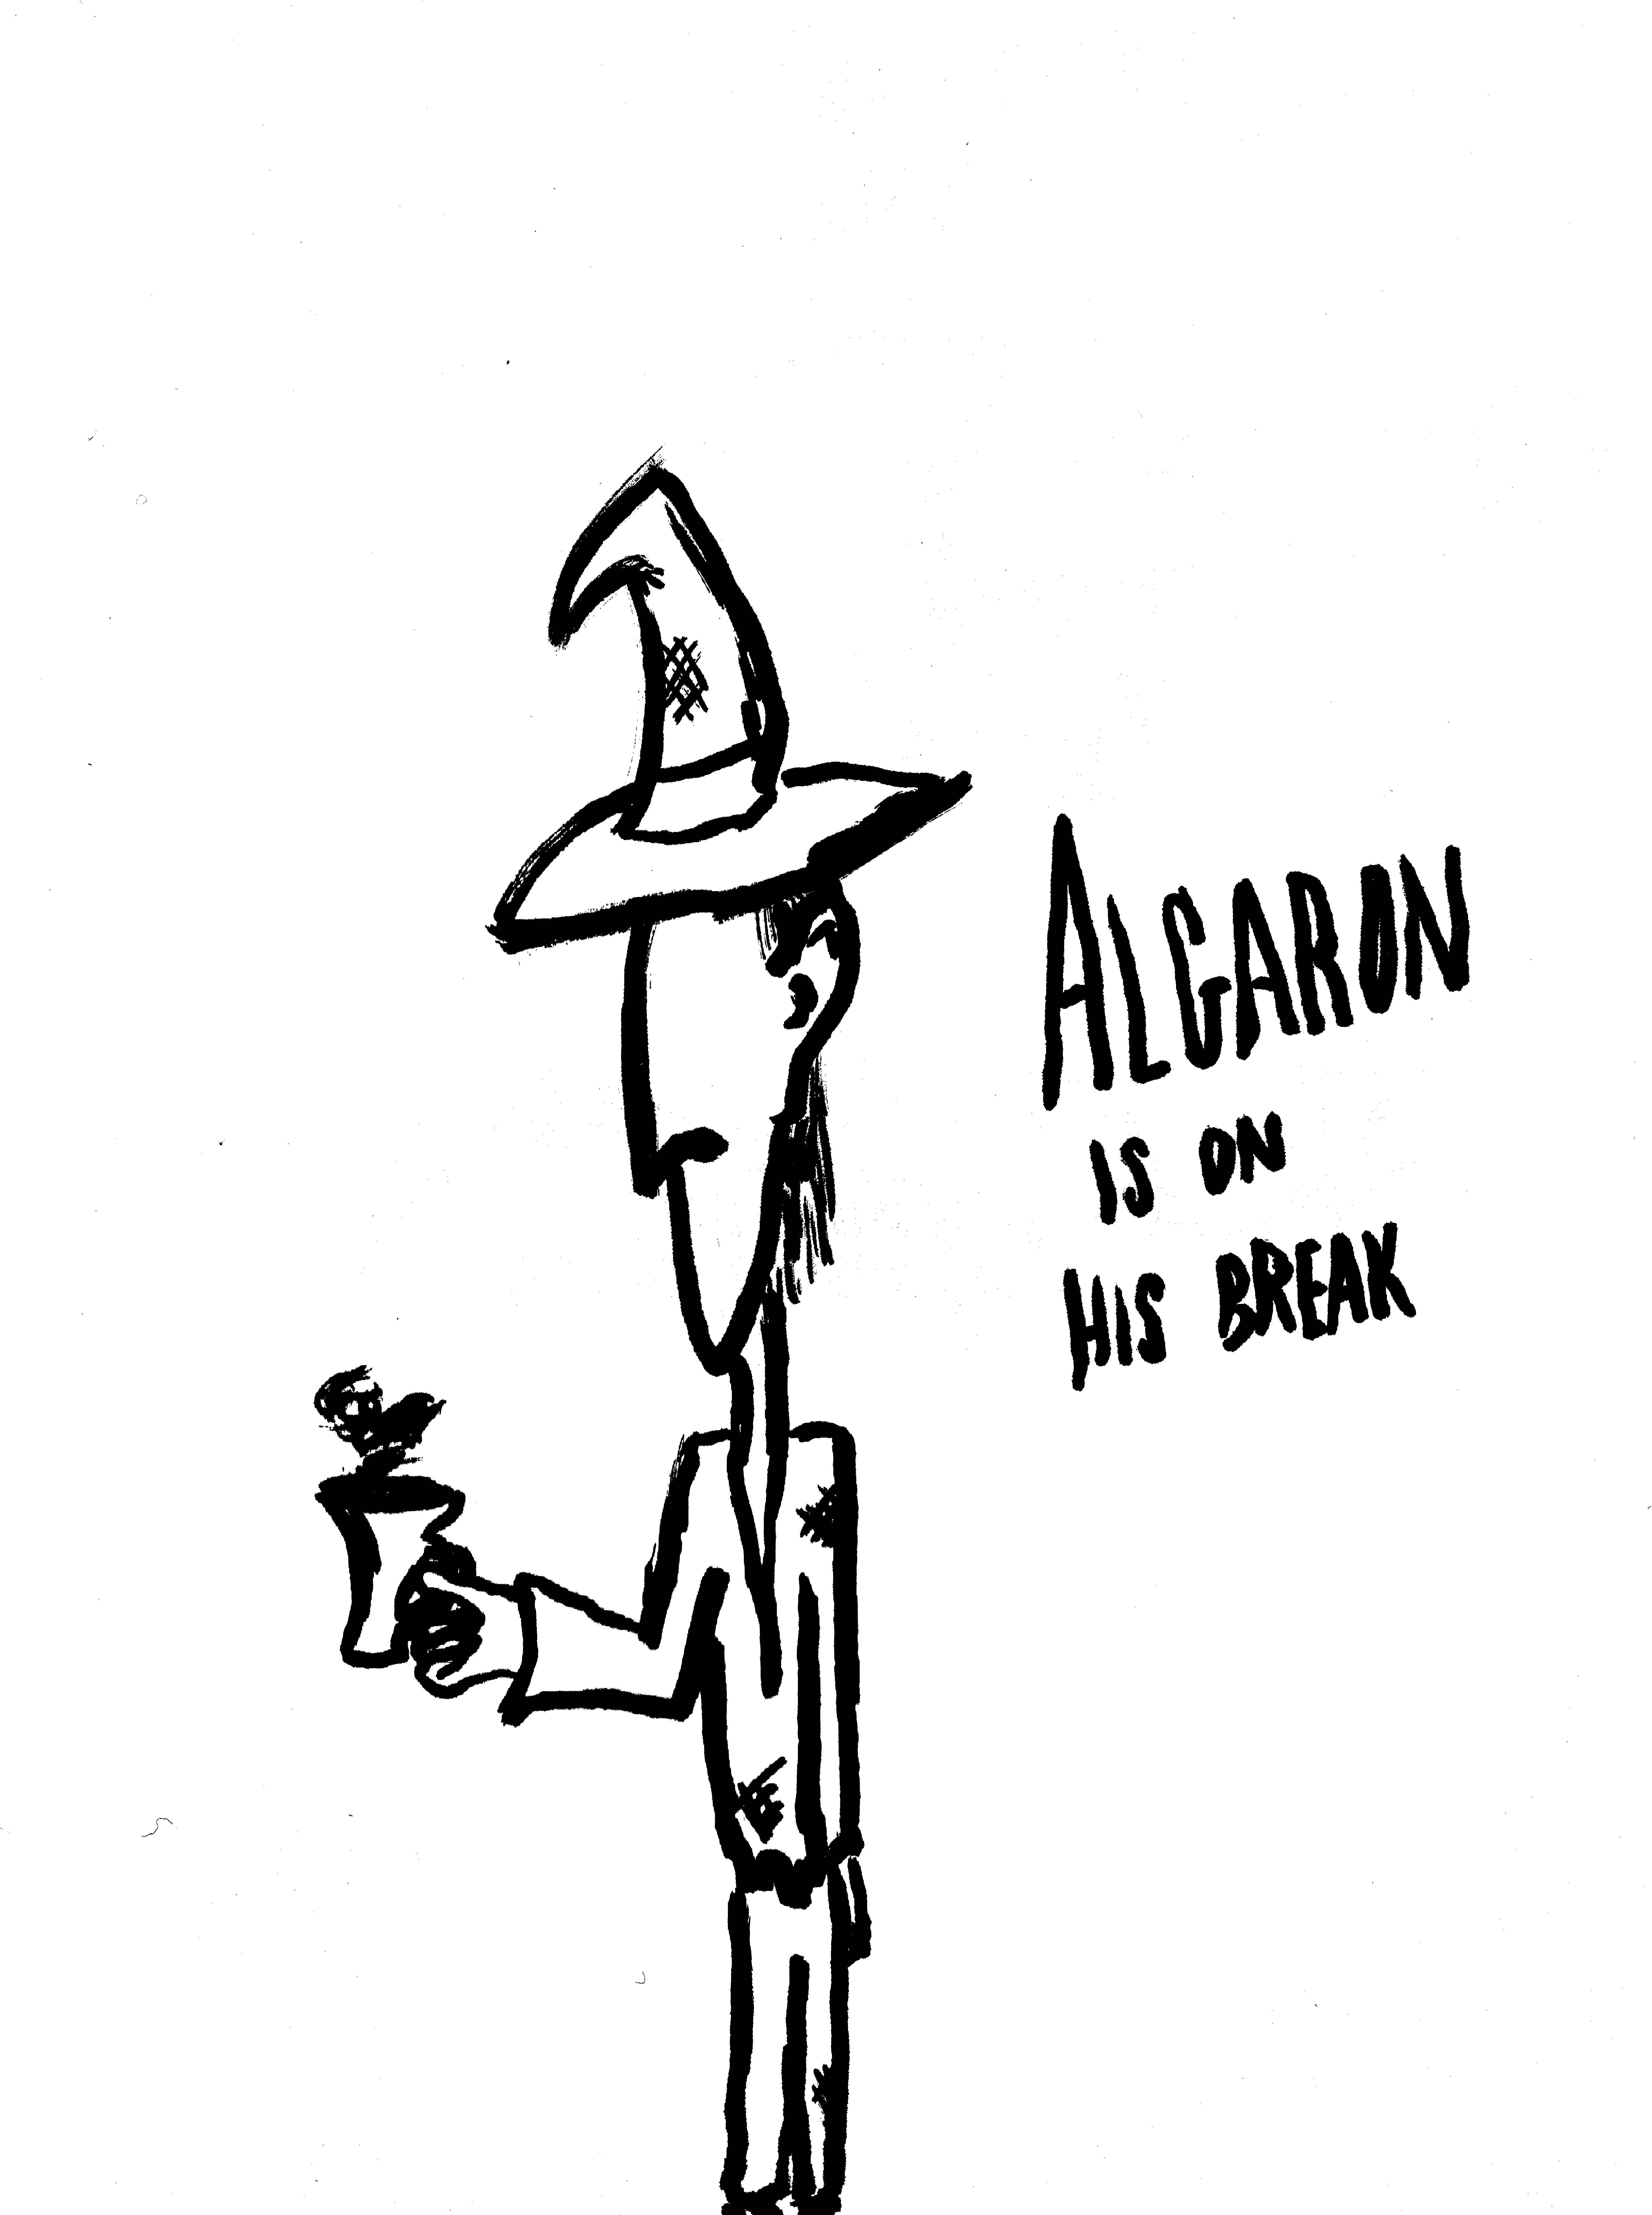 Algaron